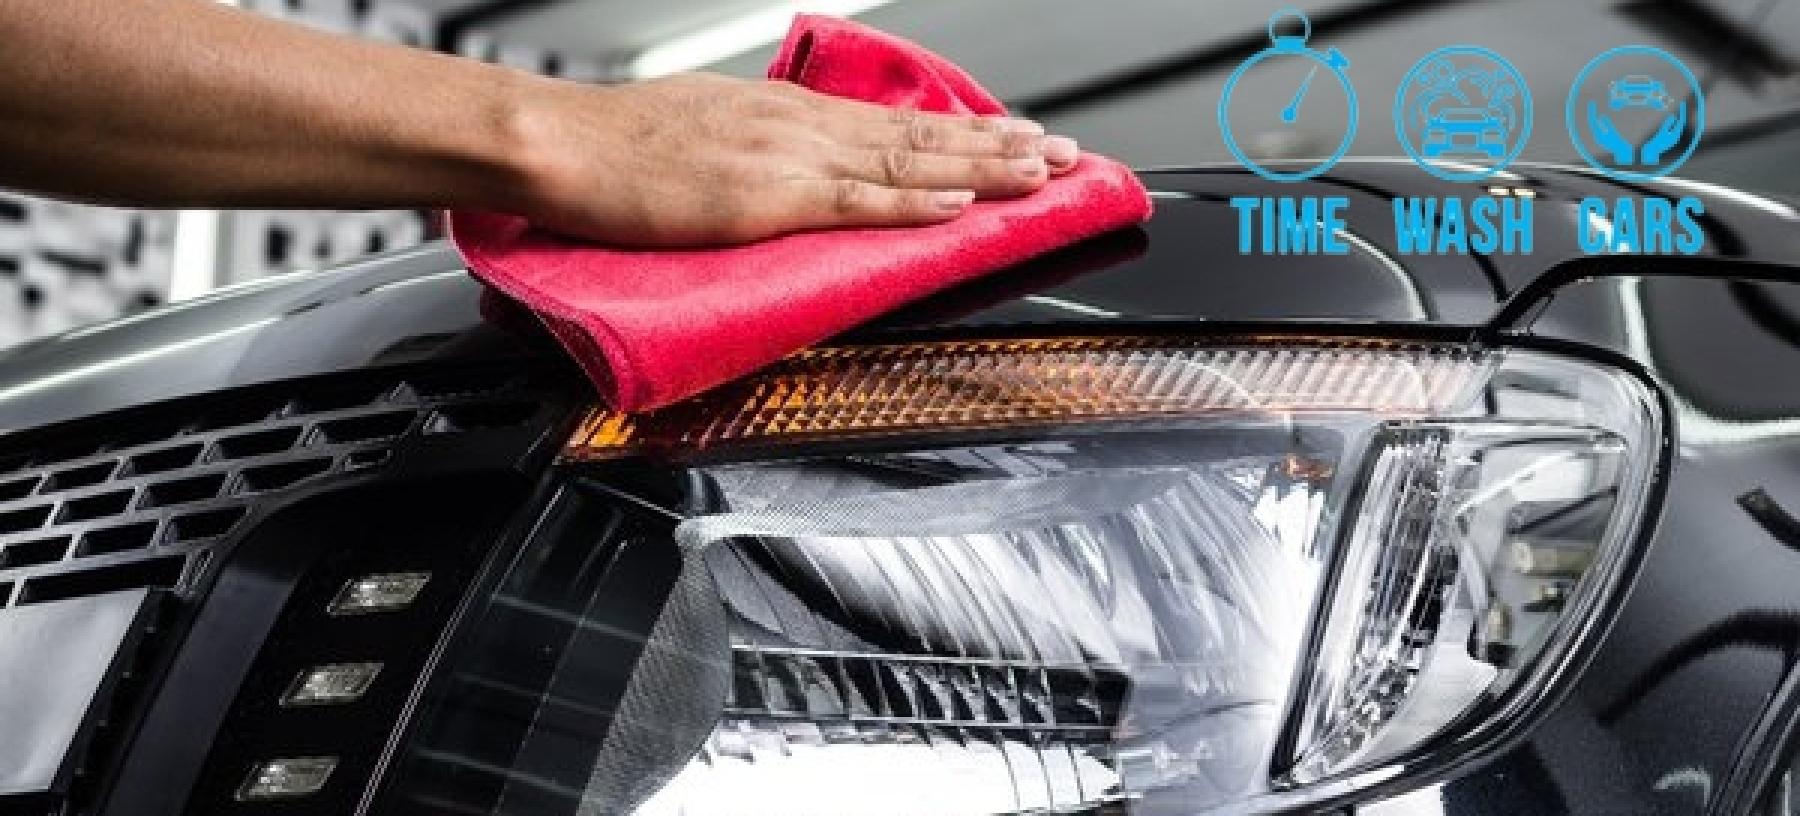 Kompletní ruční mytí vašeho auta v Time Wash Cars